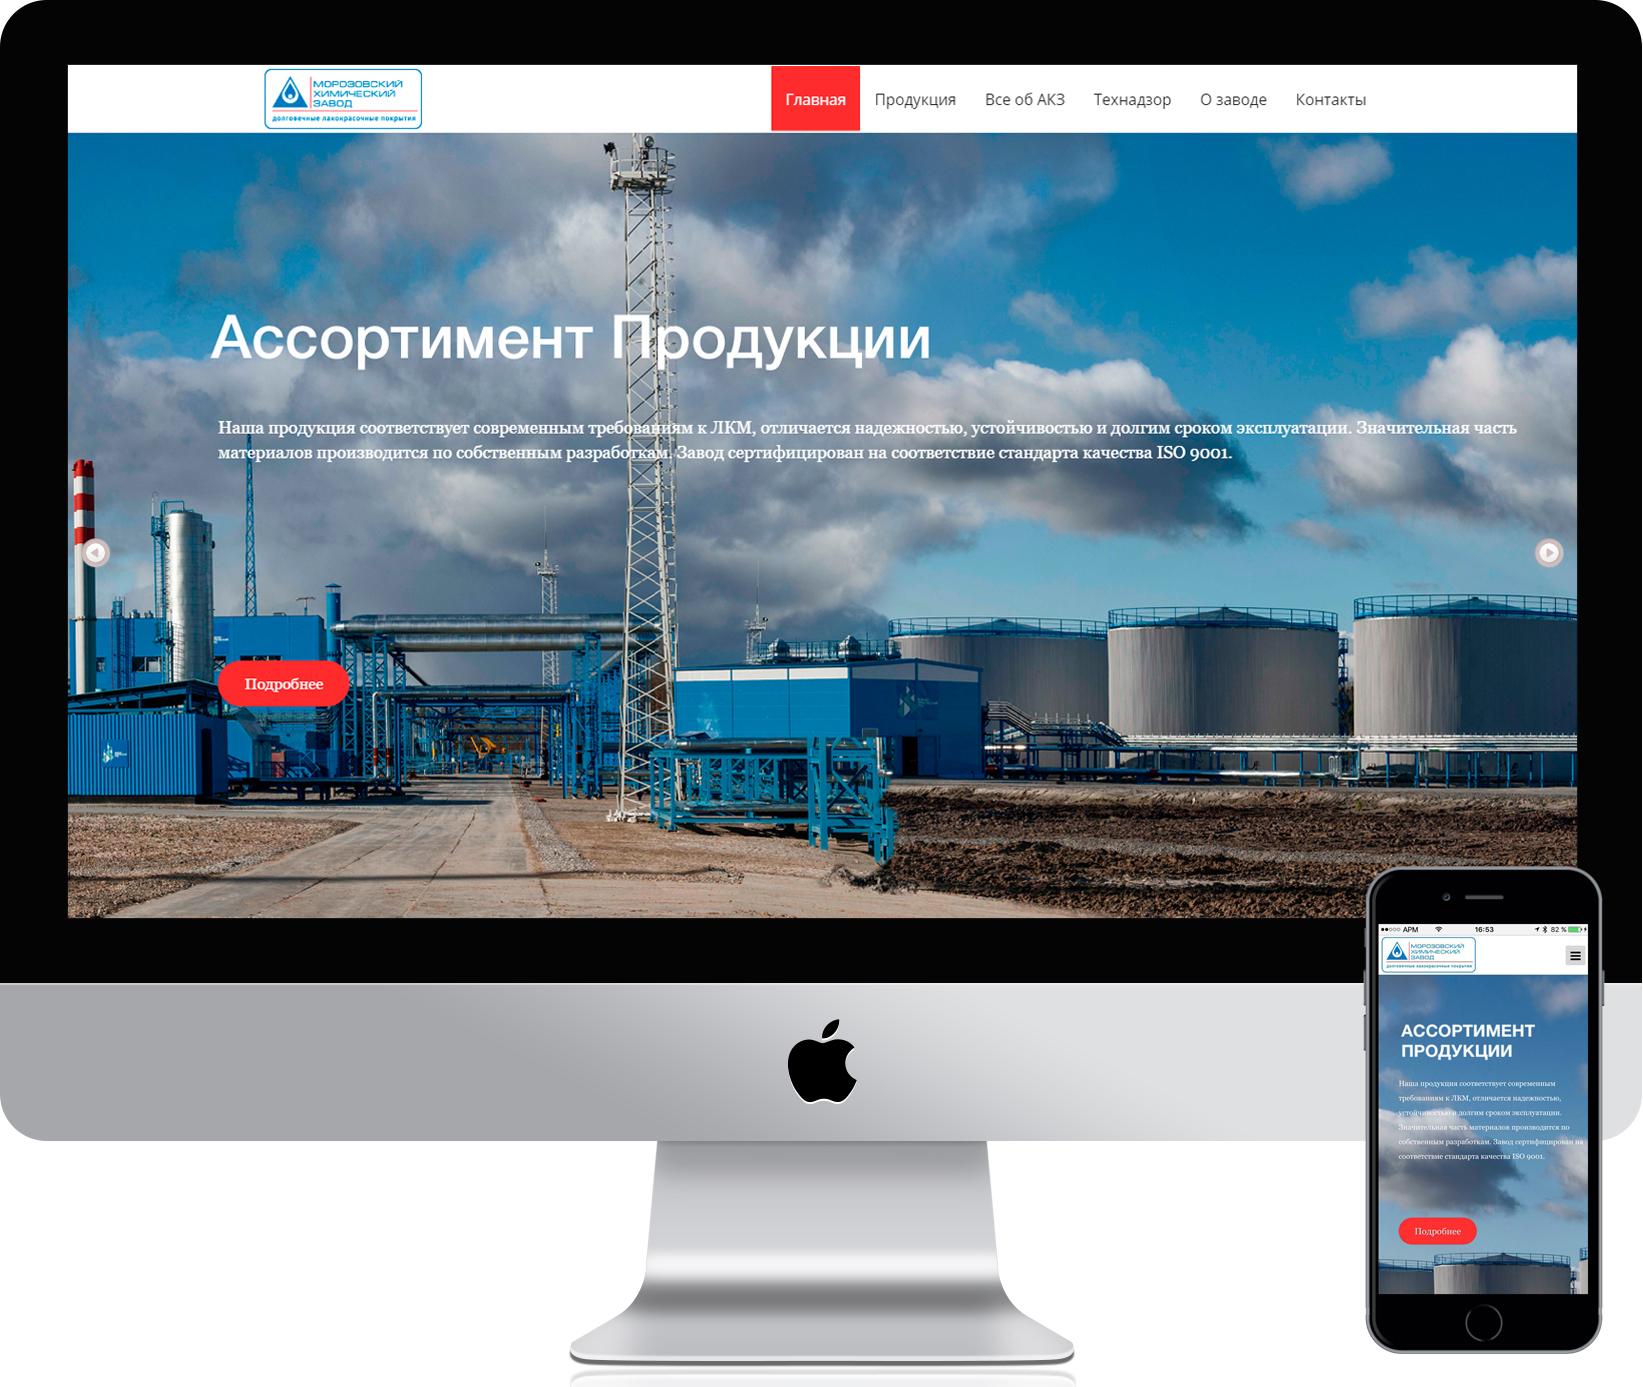 Завод создание сайтов компании требуется сайт